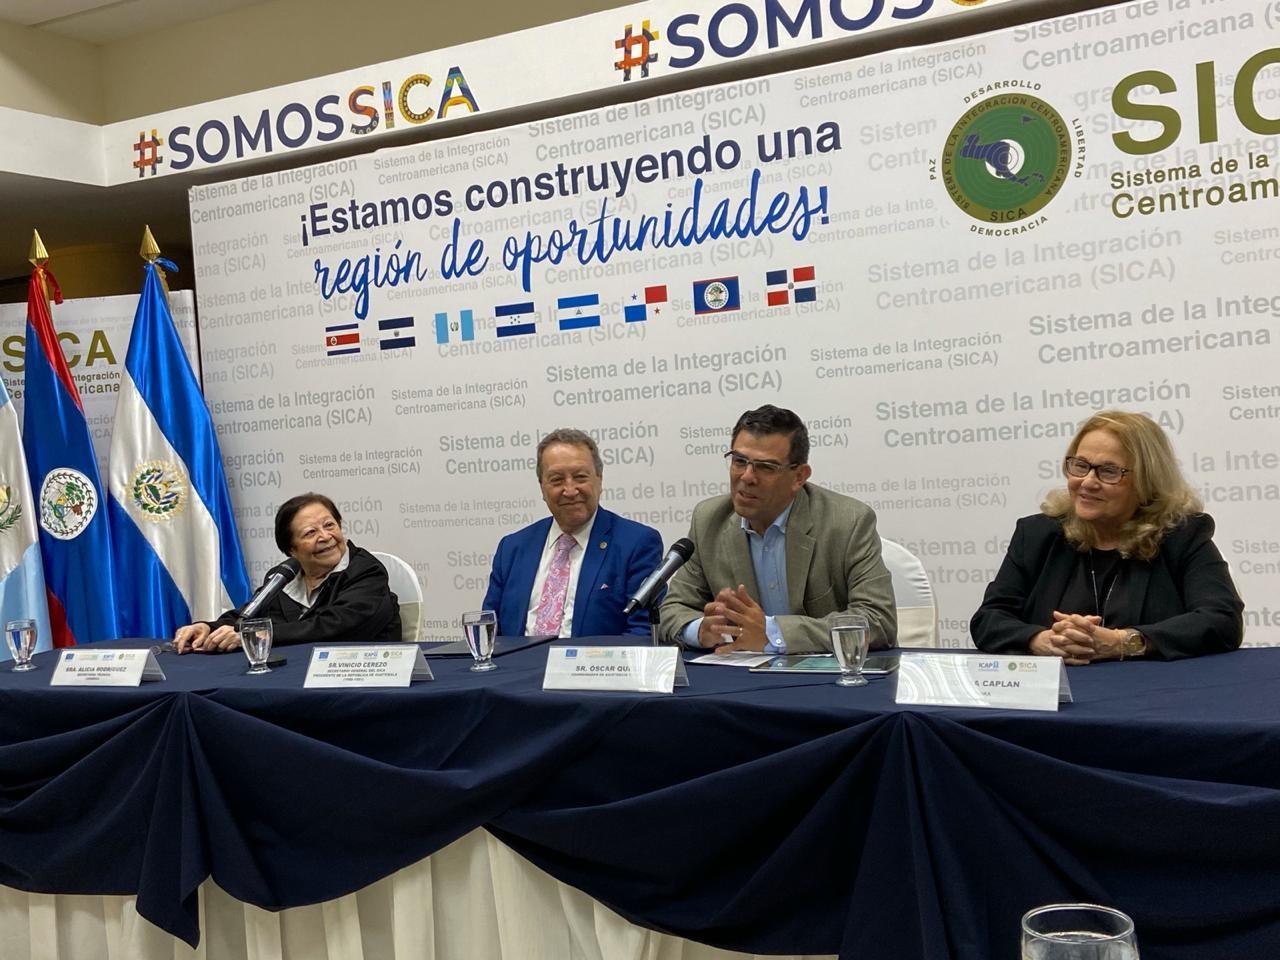 Institucionalidad SICA propicia agenda regional con enfoque de gestión por resultados con equidad en Centroamérica